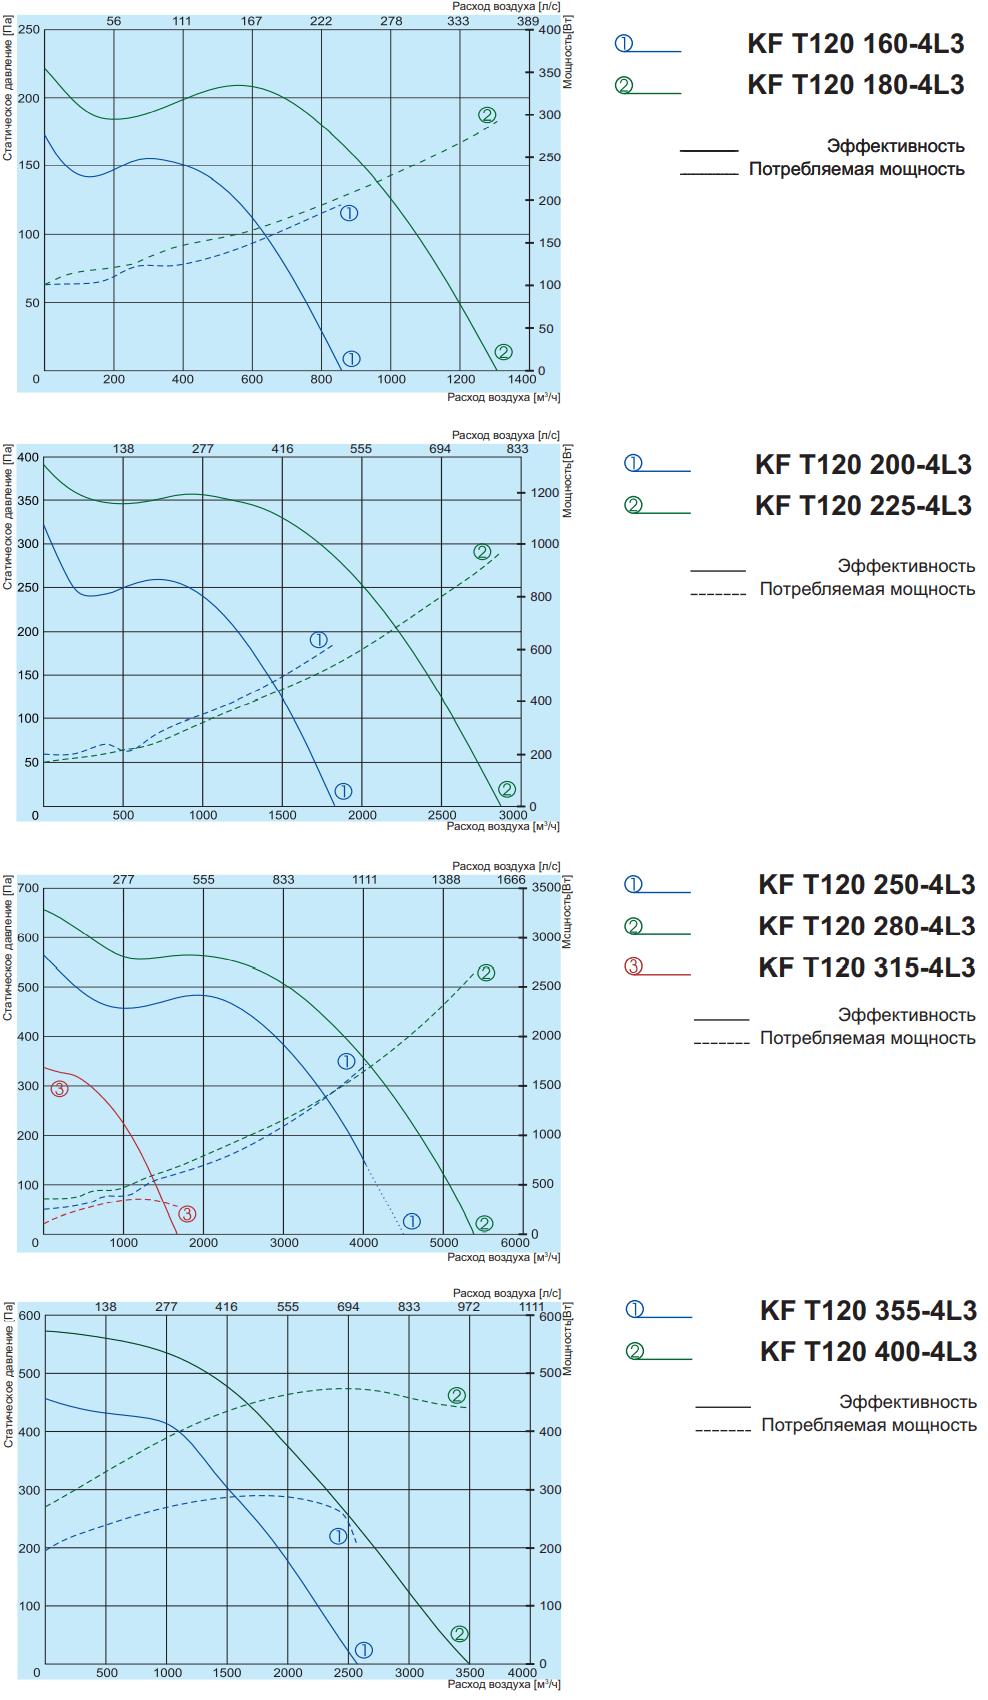 Кухонный вентилятор Salda KF T120 - Аэродинамические характеристики